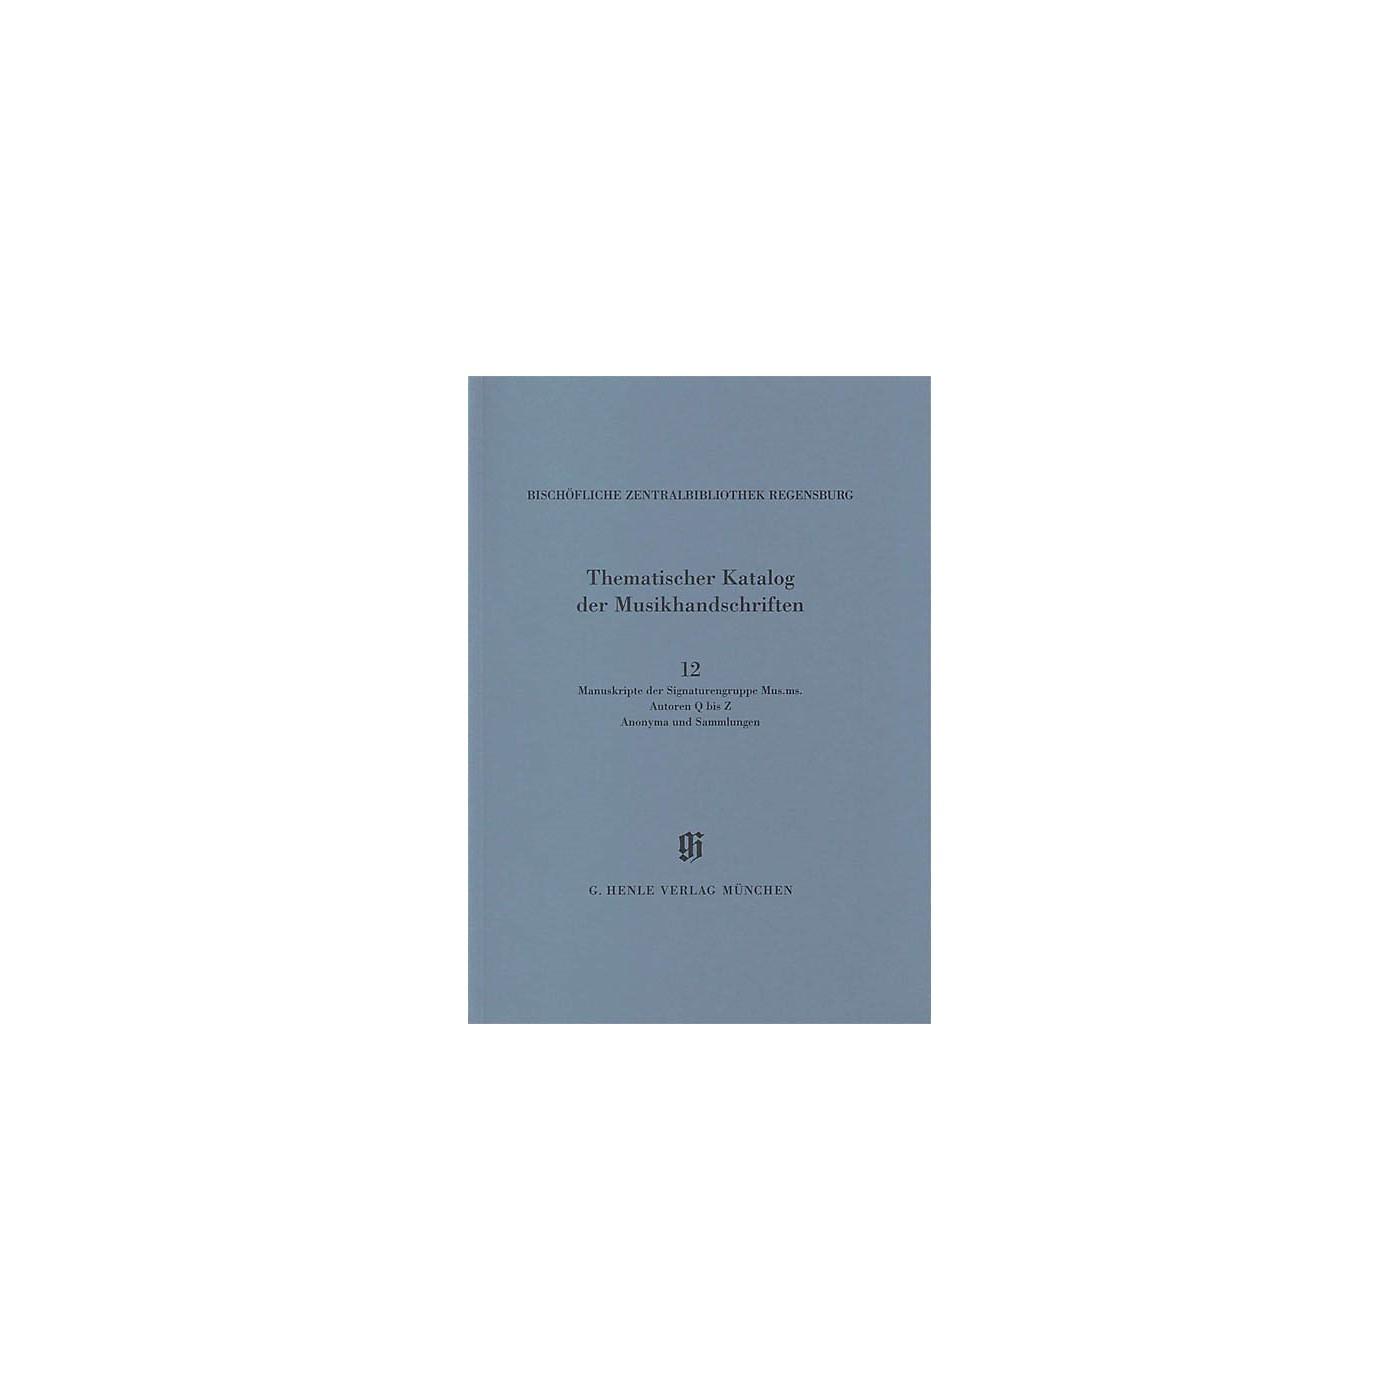 G. Henle Verlag Signaturengruppe Mus. ms. Autoren Q-Z, Anonyma und Sammlungen Henle Books Series Softcover thumbnail